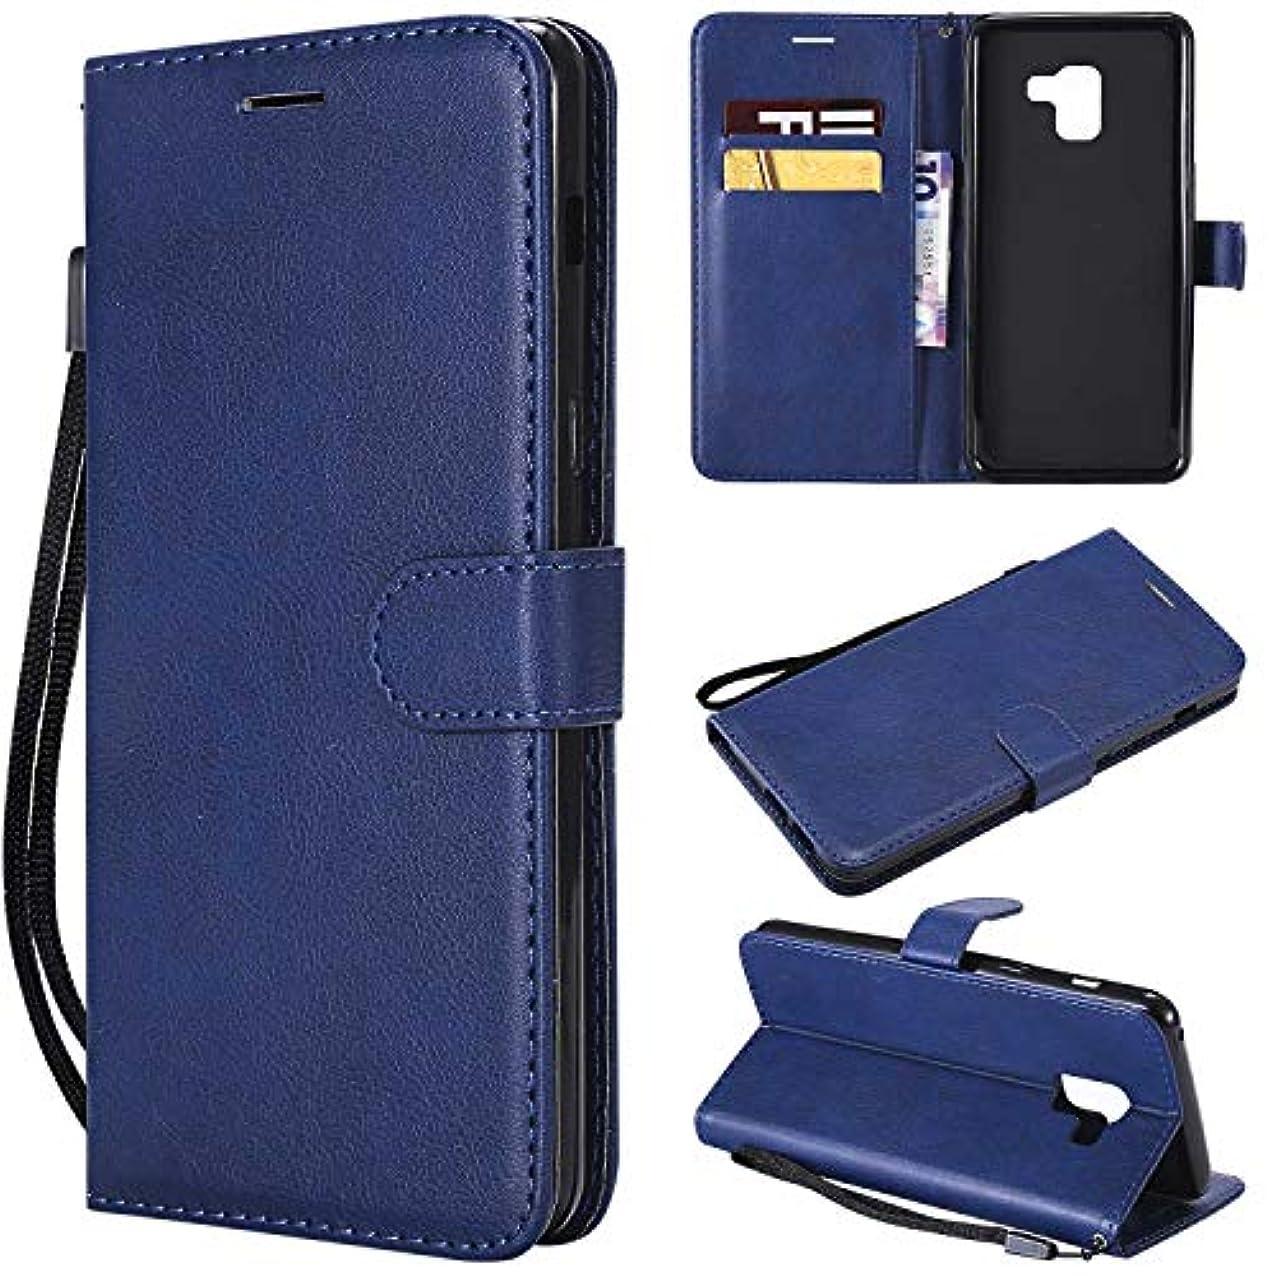 スナッチ伝染病リズムGalaxy A8 Plus ケース手帳型 OMATENTI レザー 革 薄型 手帳型カバー カード入れ スタンド機能 サムスン Galaxy A8 Plus おしゃれ 手帳ケース (6-ブルー)